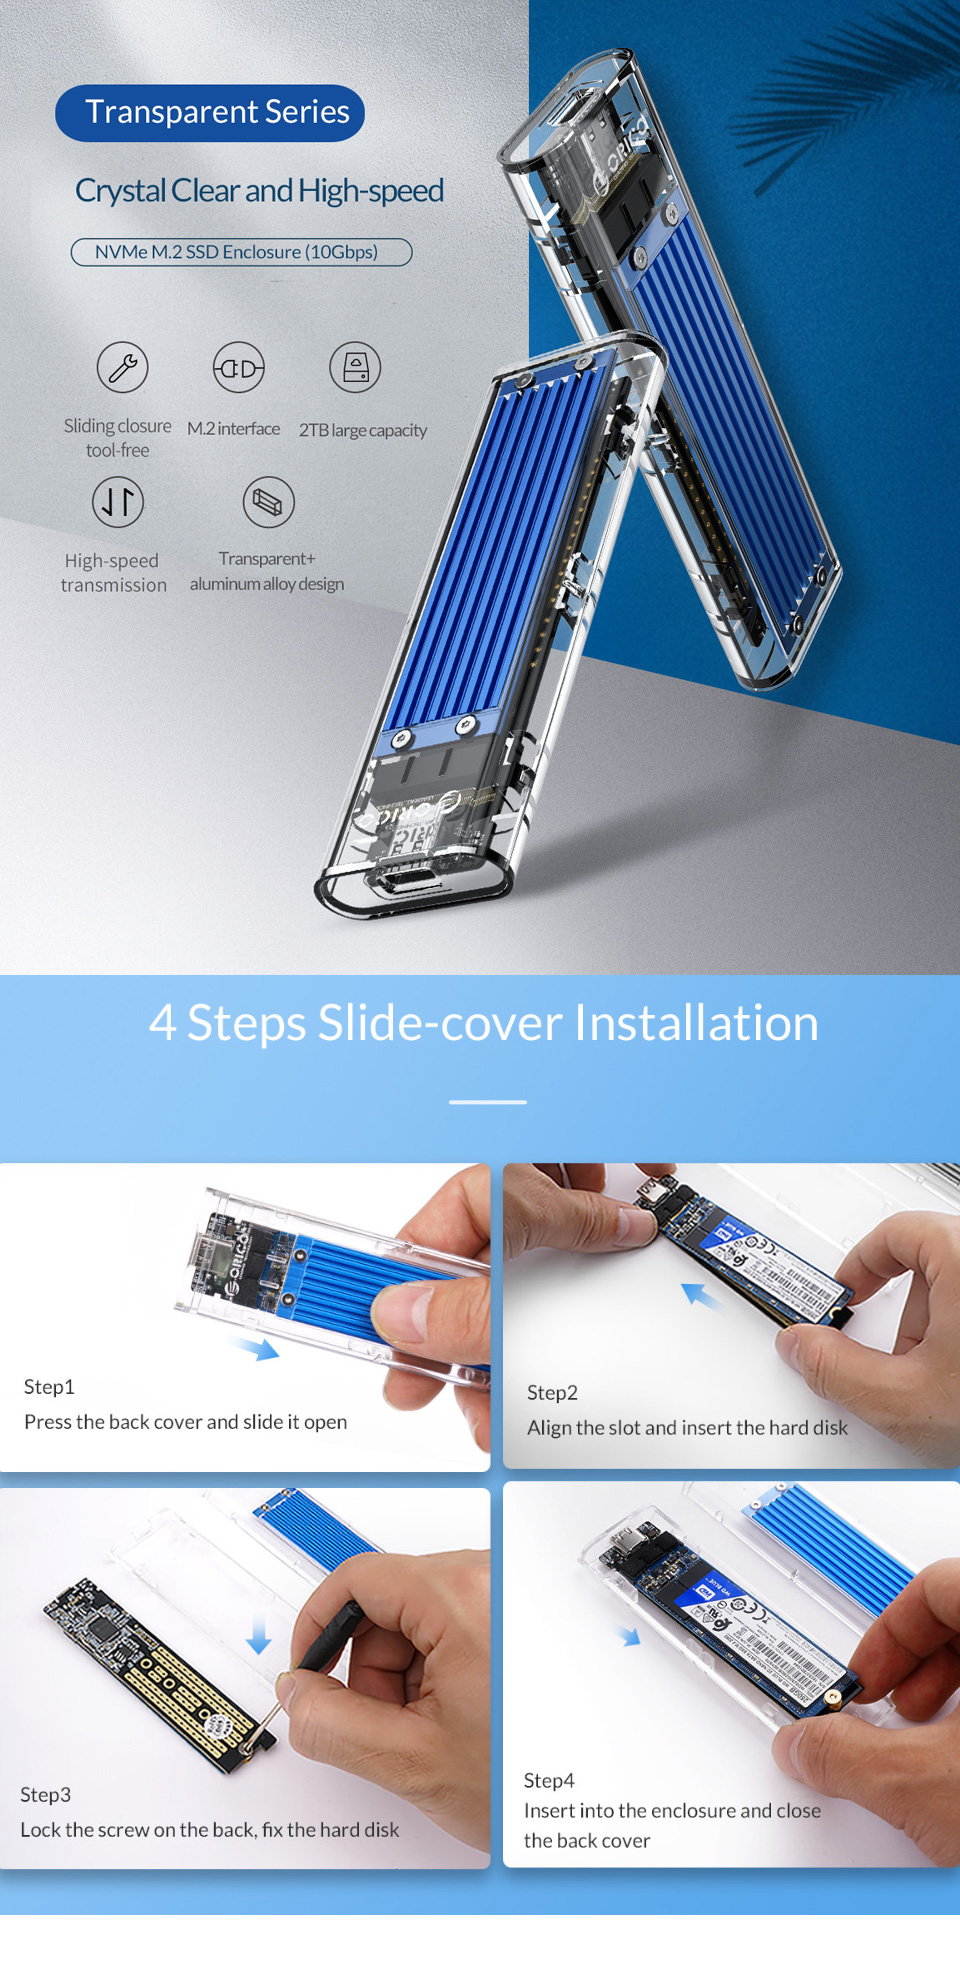 Orico USB 3.1 Type C Gen 2 M.2 Enclosure Transparent Red features